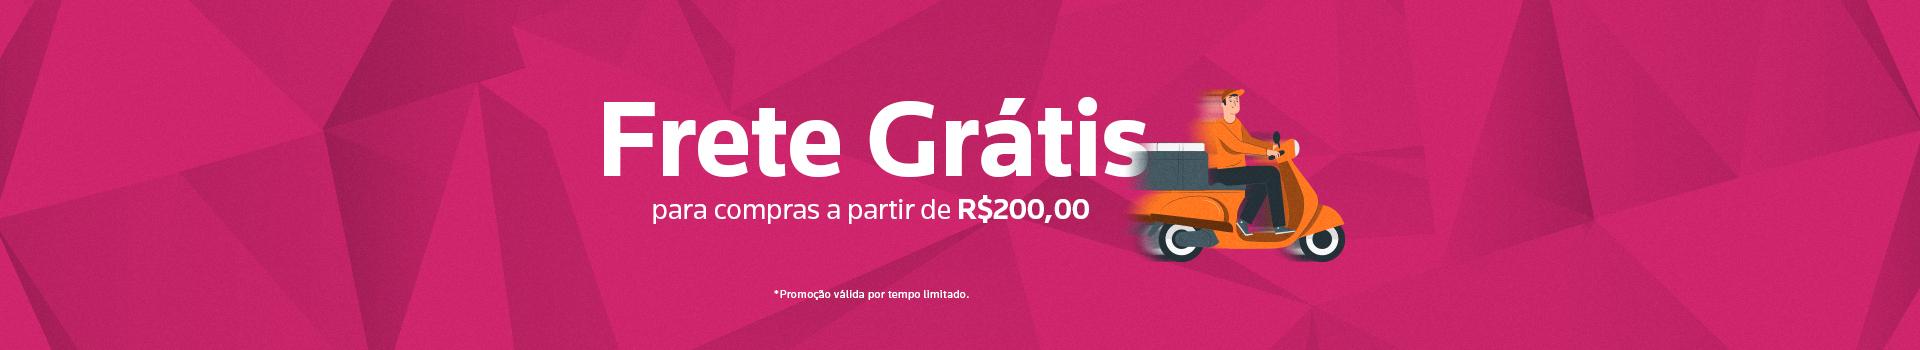 Frete Grátis - R$200,00